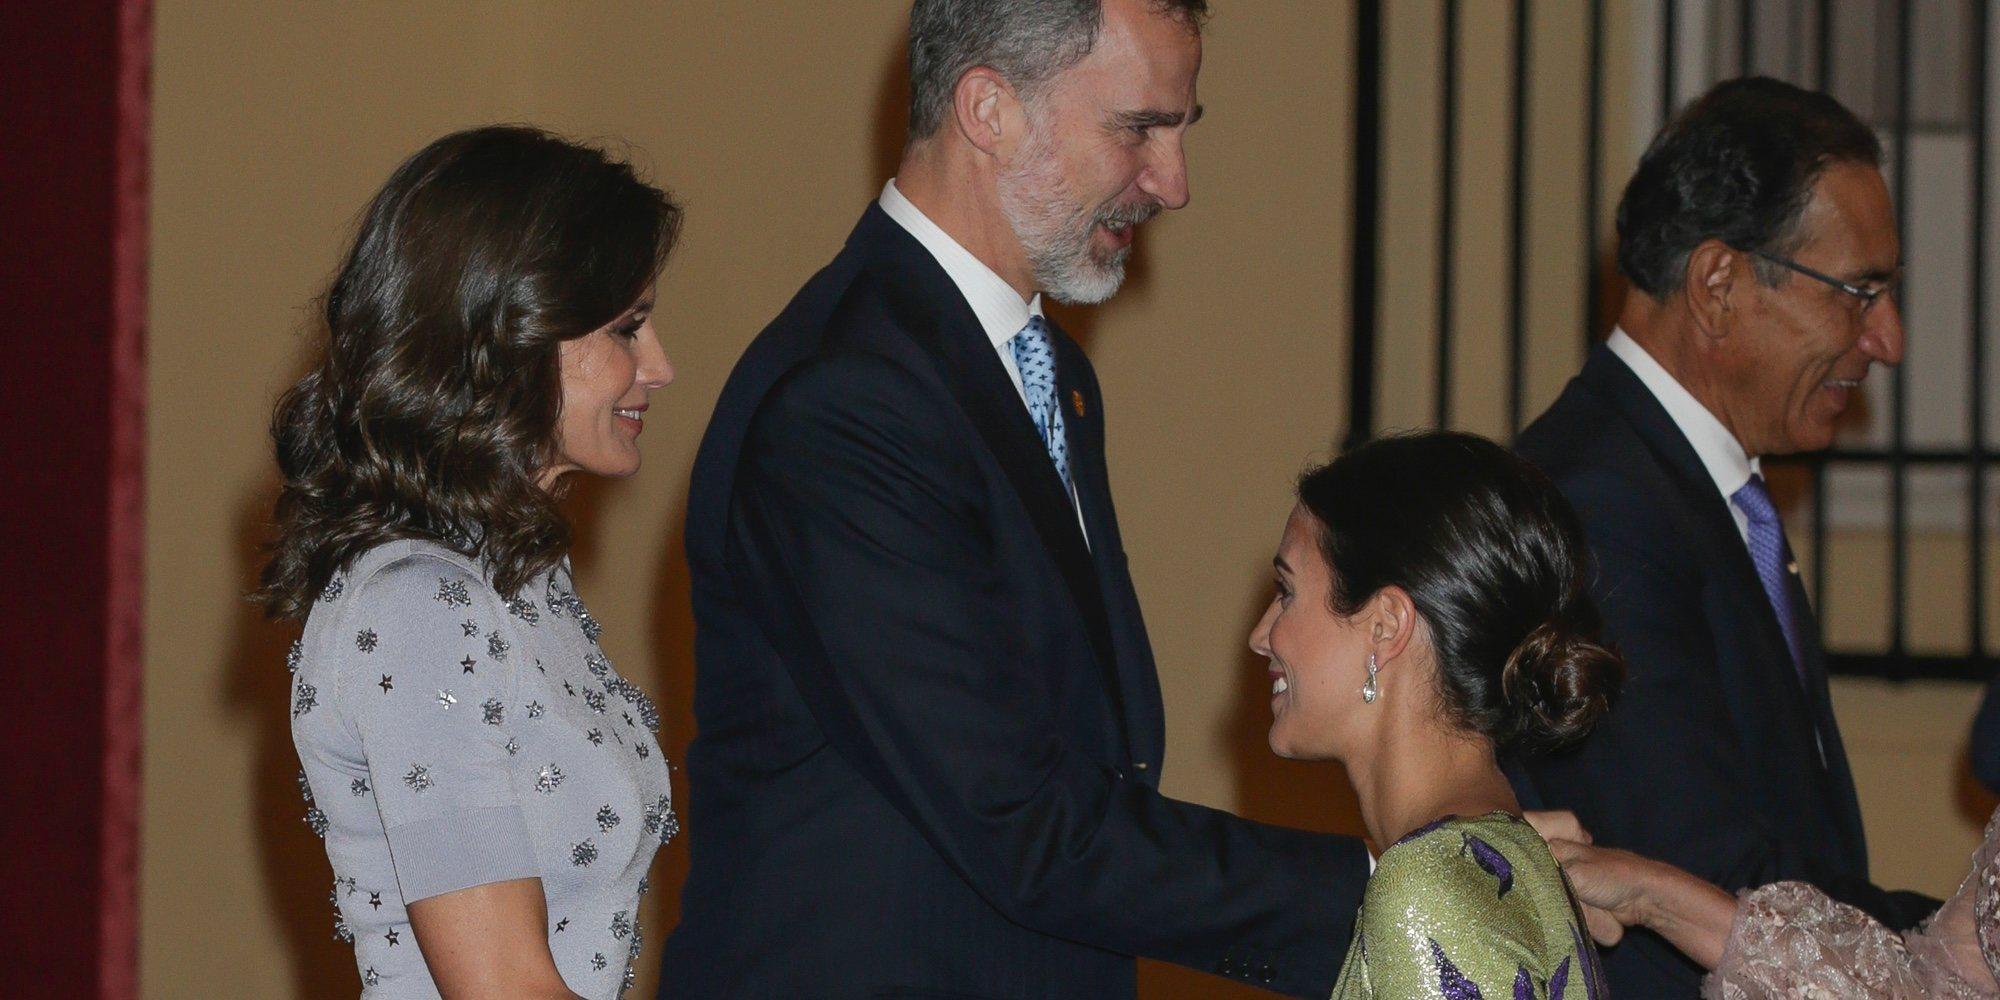 El encuentro de los Reyes Felipe y Letizia con sus primos Christian de Hannover y Alessandra de Osma